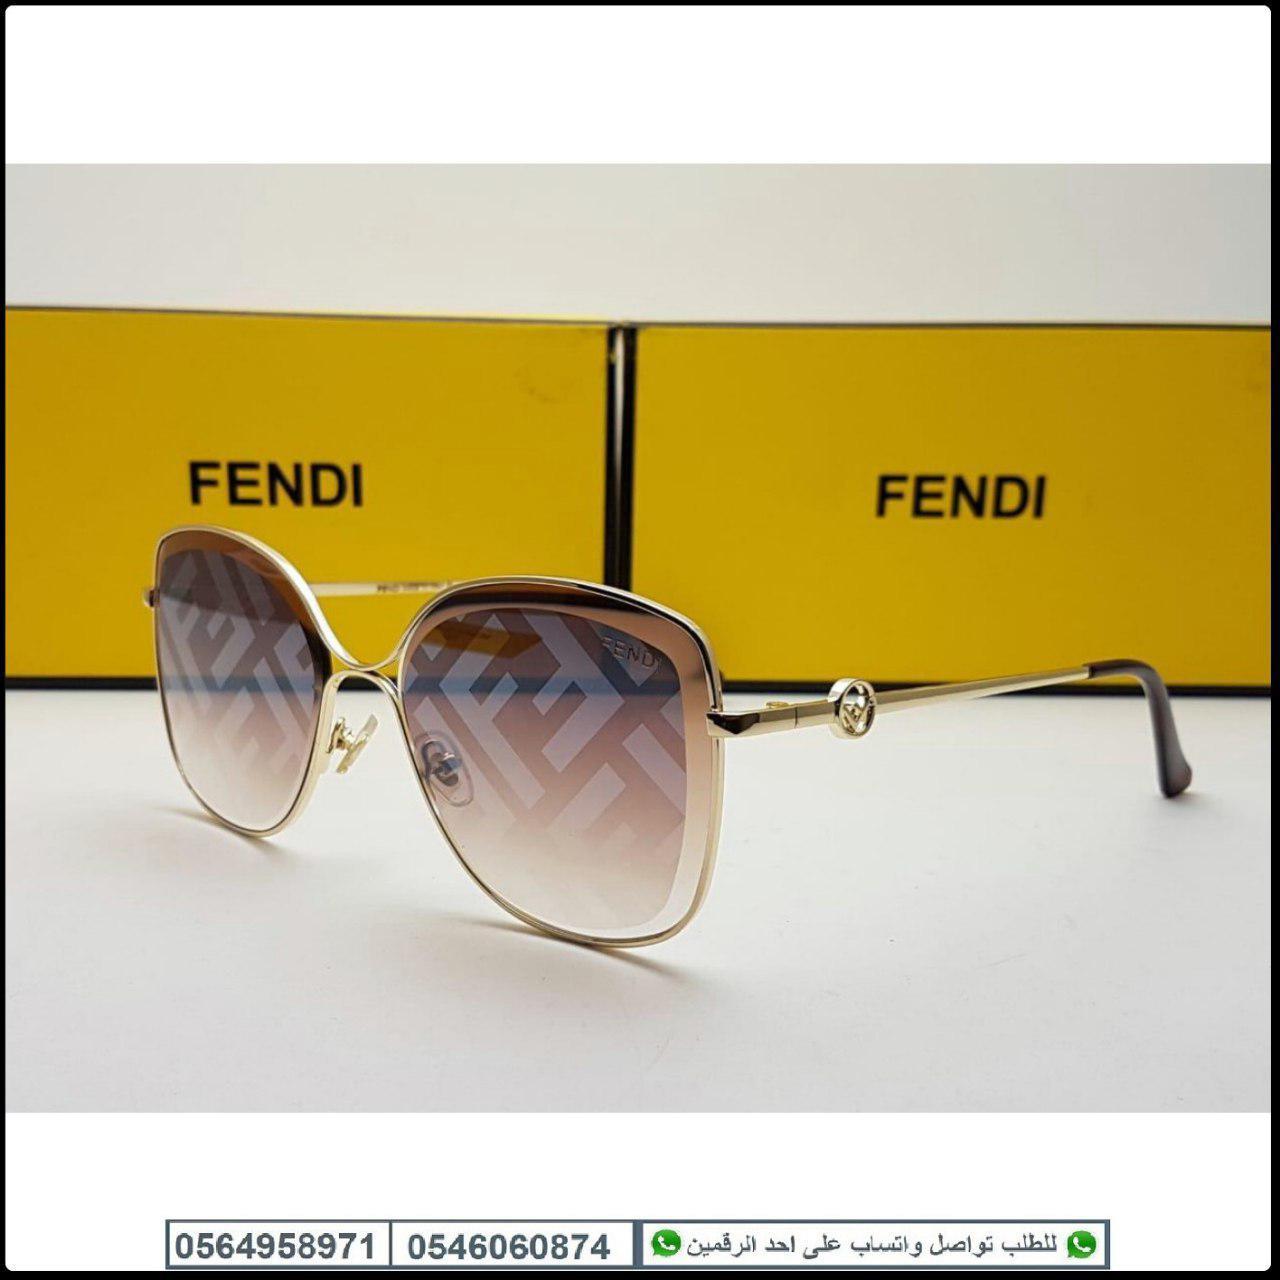 نظارات فندي نسائي